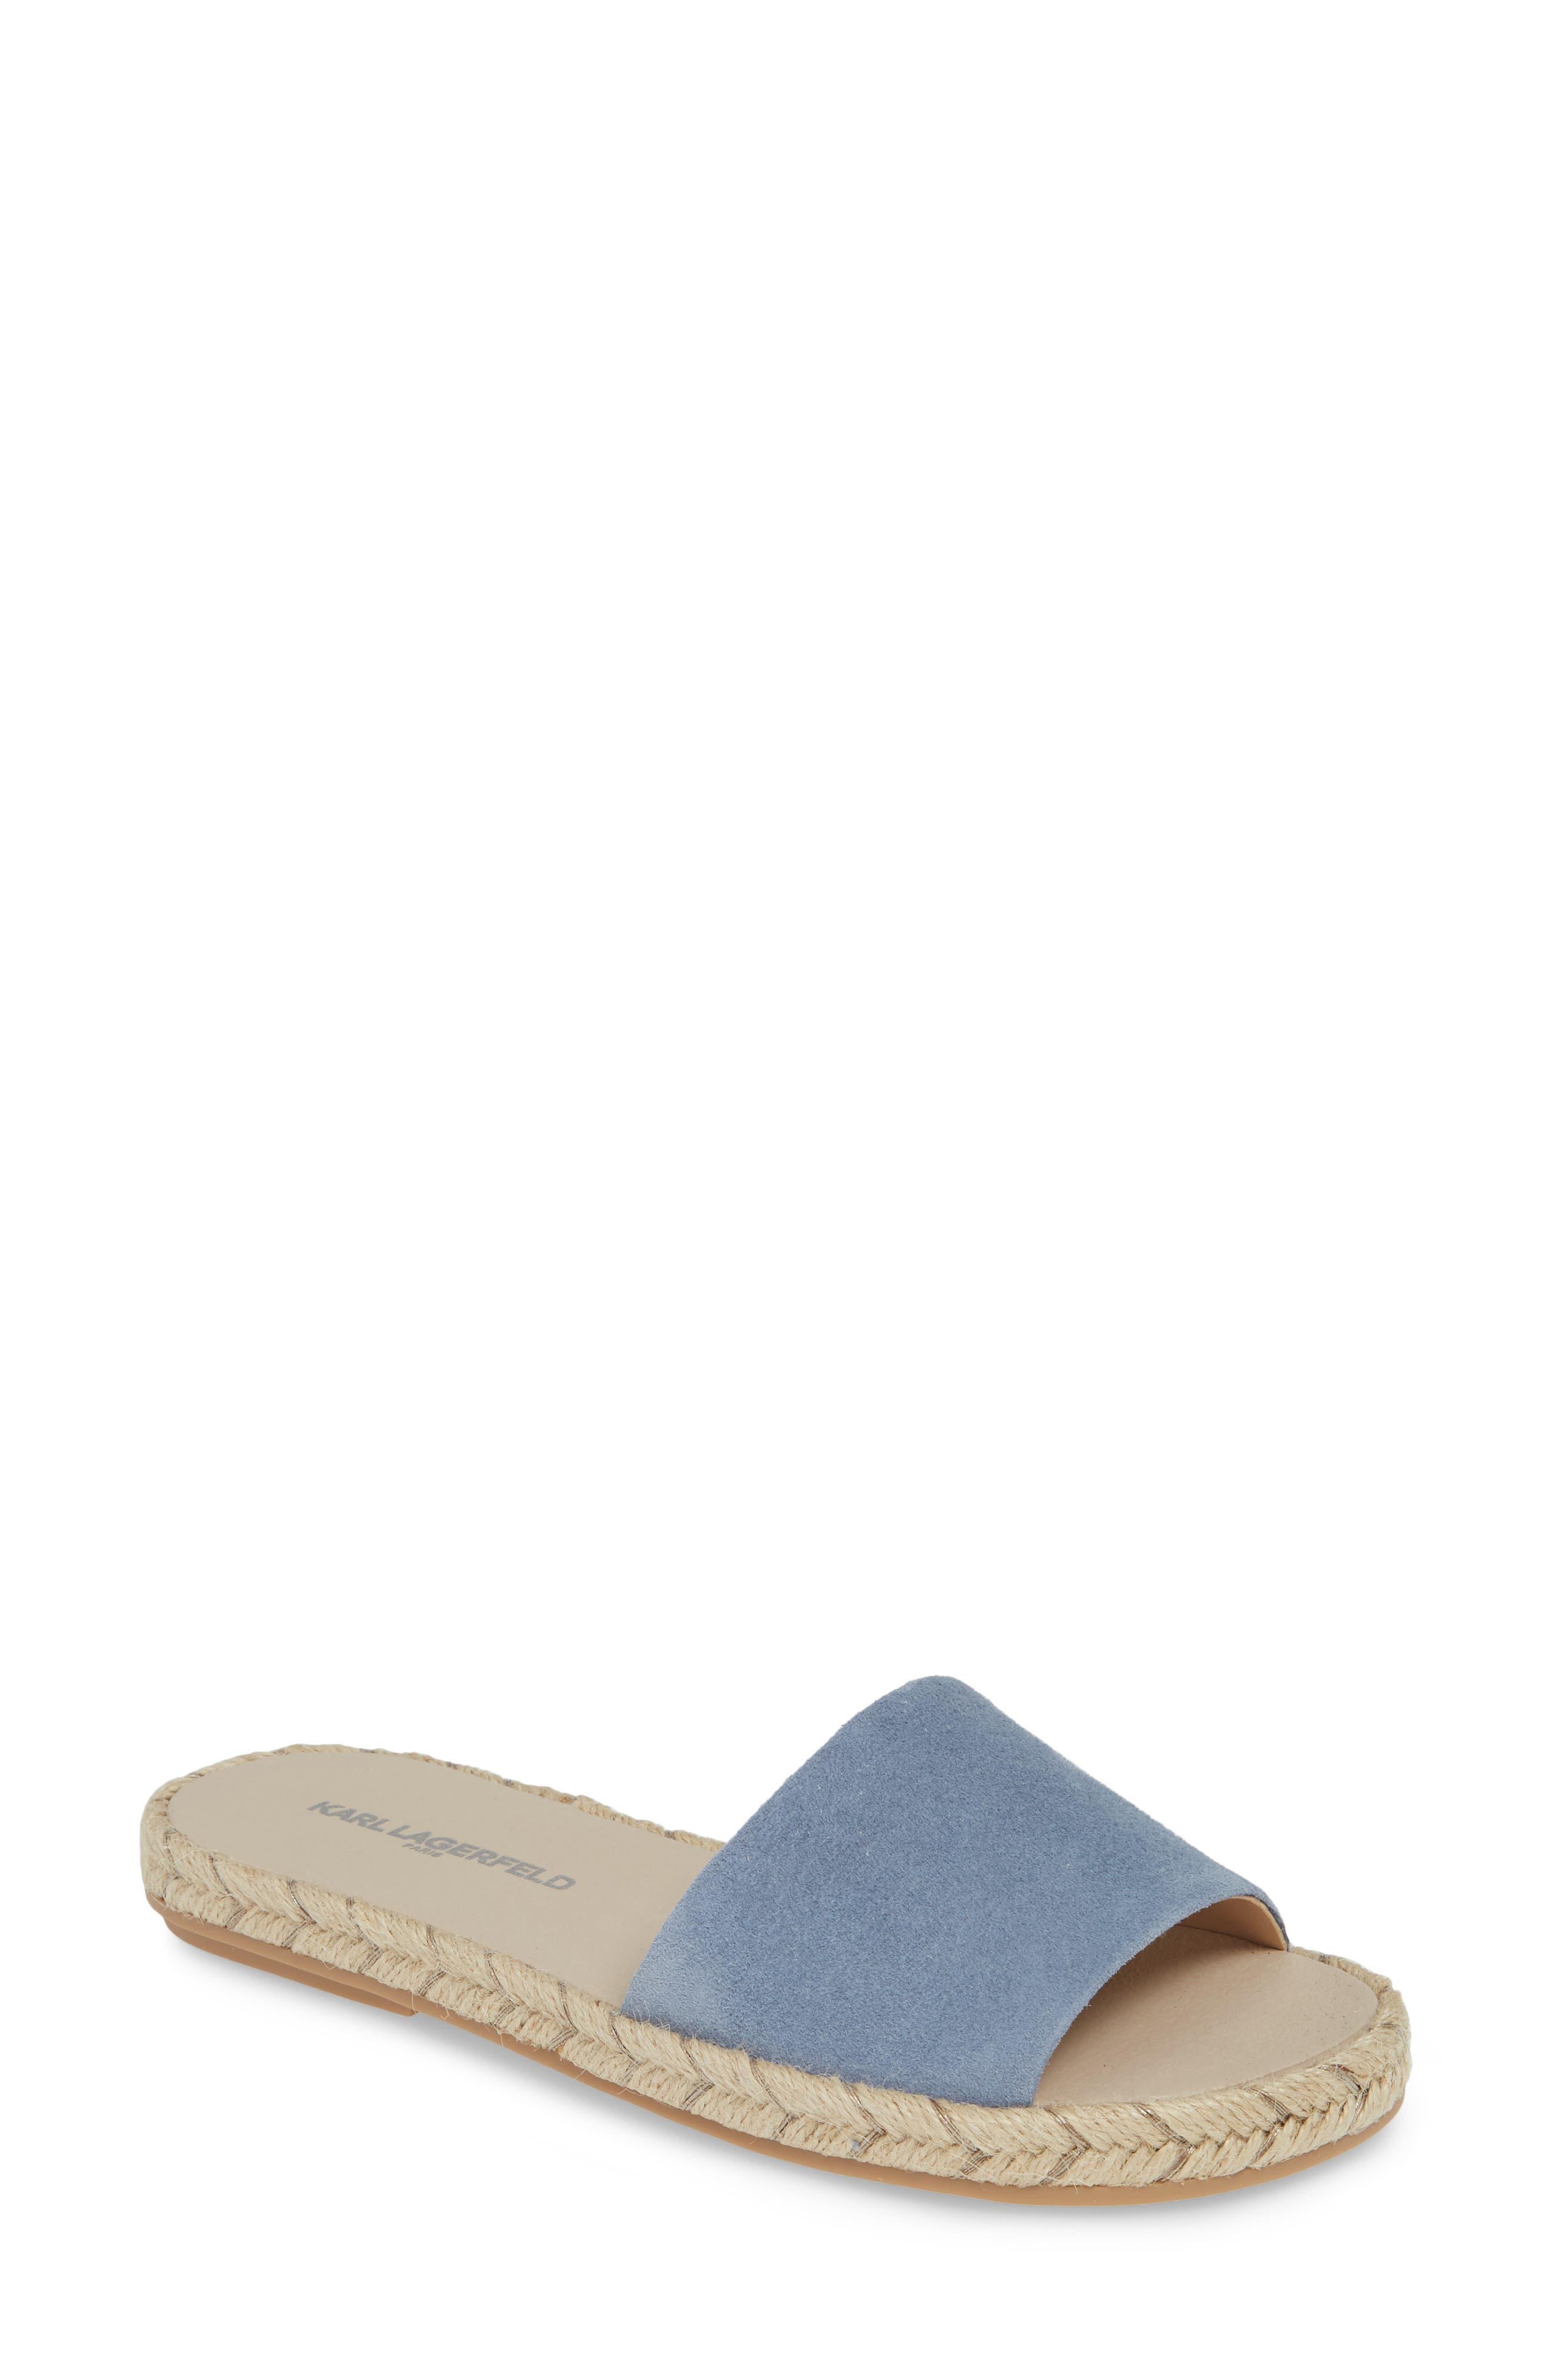 Karl Lagerfeld Paris Niya Slide Sandal, Blue